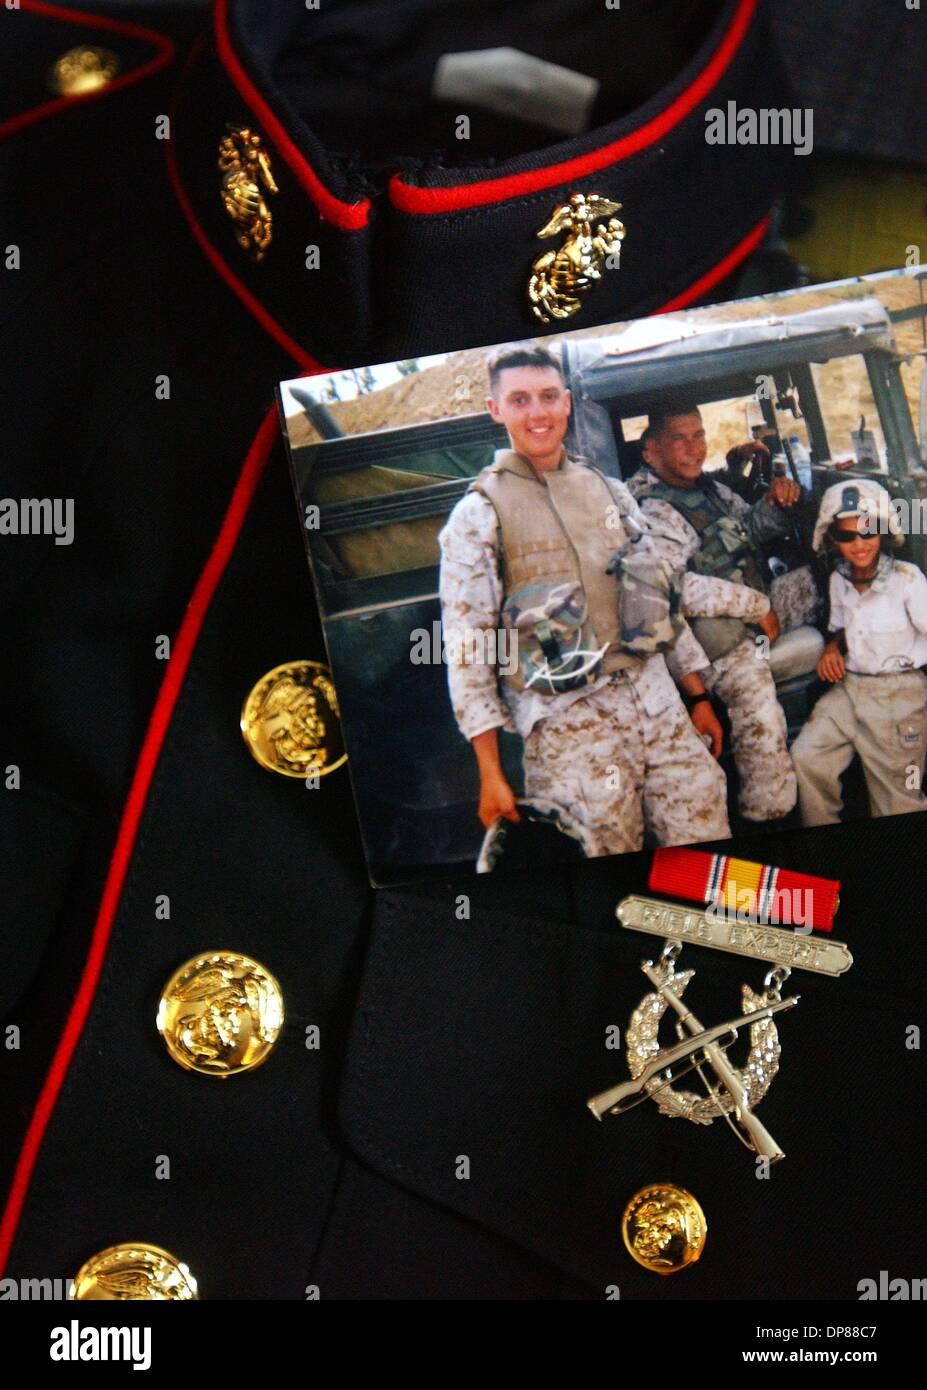 (Publié le 10/17/2004, A-1) NC KYLE x005 228579 ............. Septembre 23, 2004, New York ........... Mois plus tard Wain et Dixie Codner (CQ) doit décider quoi faire avec leur fils robe marine avec l'uniforme bleu de nombreuses photos de leur fils prises lors d'un déploiement à l'Iraq. Kyle Codner était un marin américain stationné au camp Pendleton et déployée en Iraq a été tué en retour en mai Photo Stock